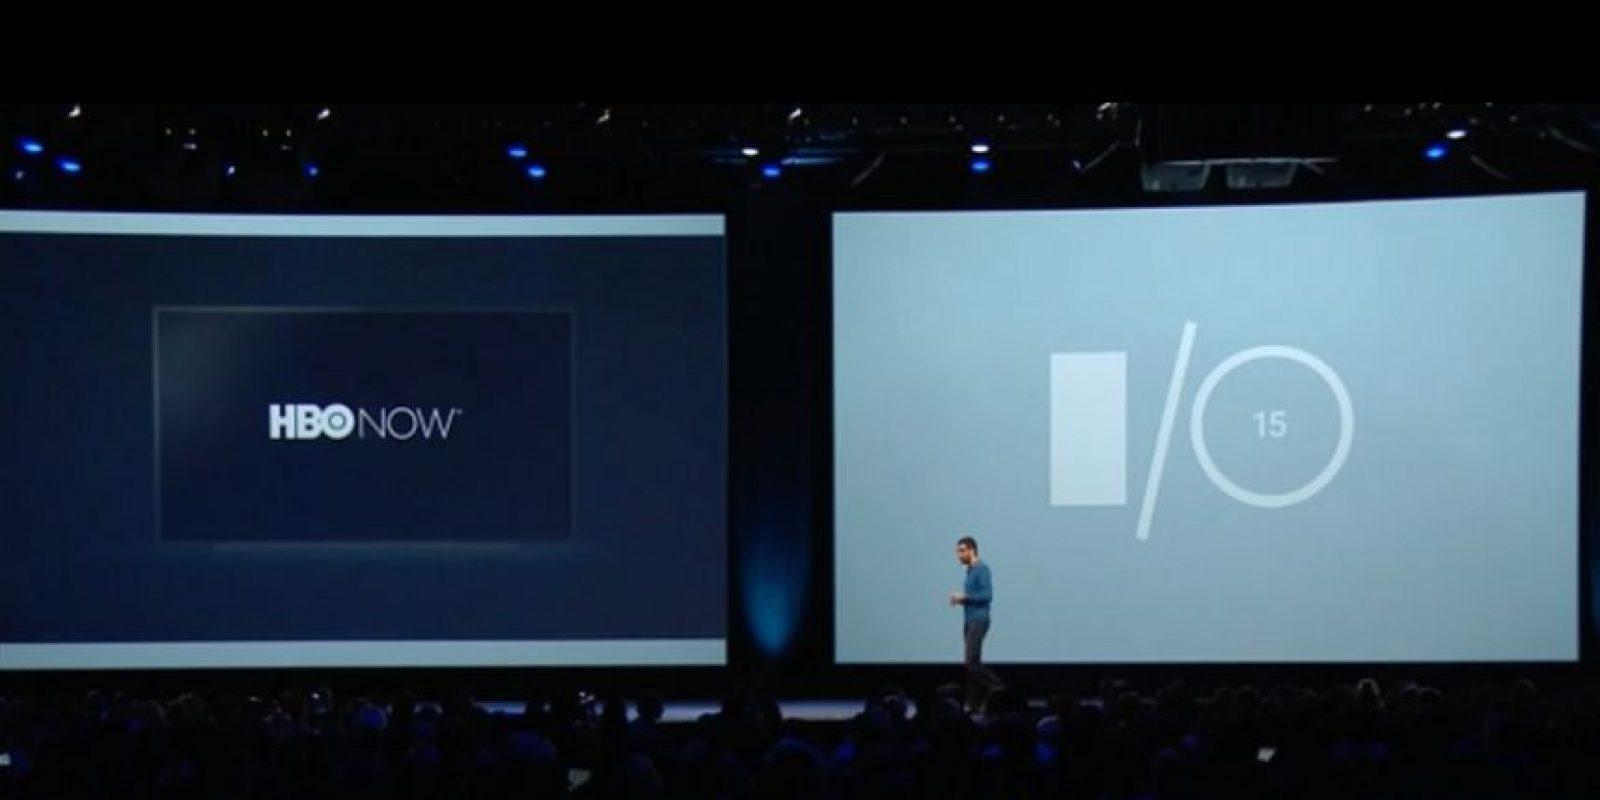 """La aplicación de HBO Now estará disponible para Android solo en Estados Unidos. En ella, los usuarios podrán ver los episodios de """"Game of Thrones"""". Foto:Google"""